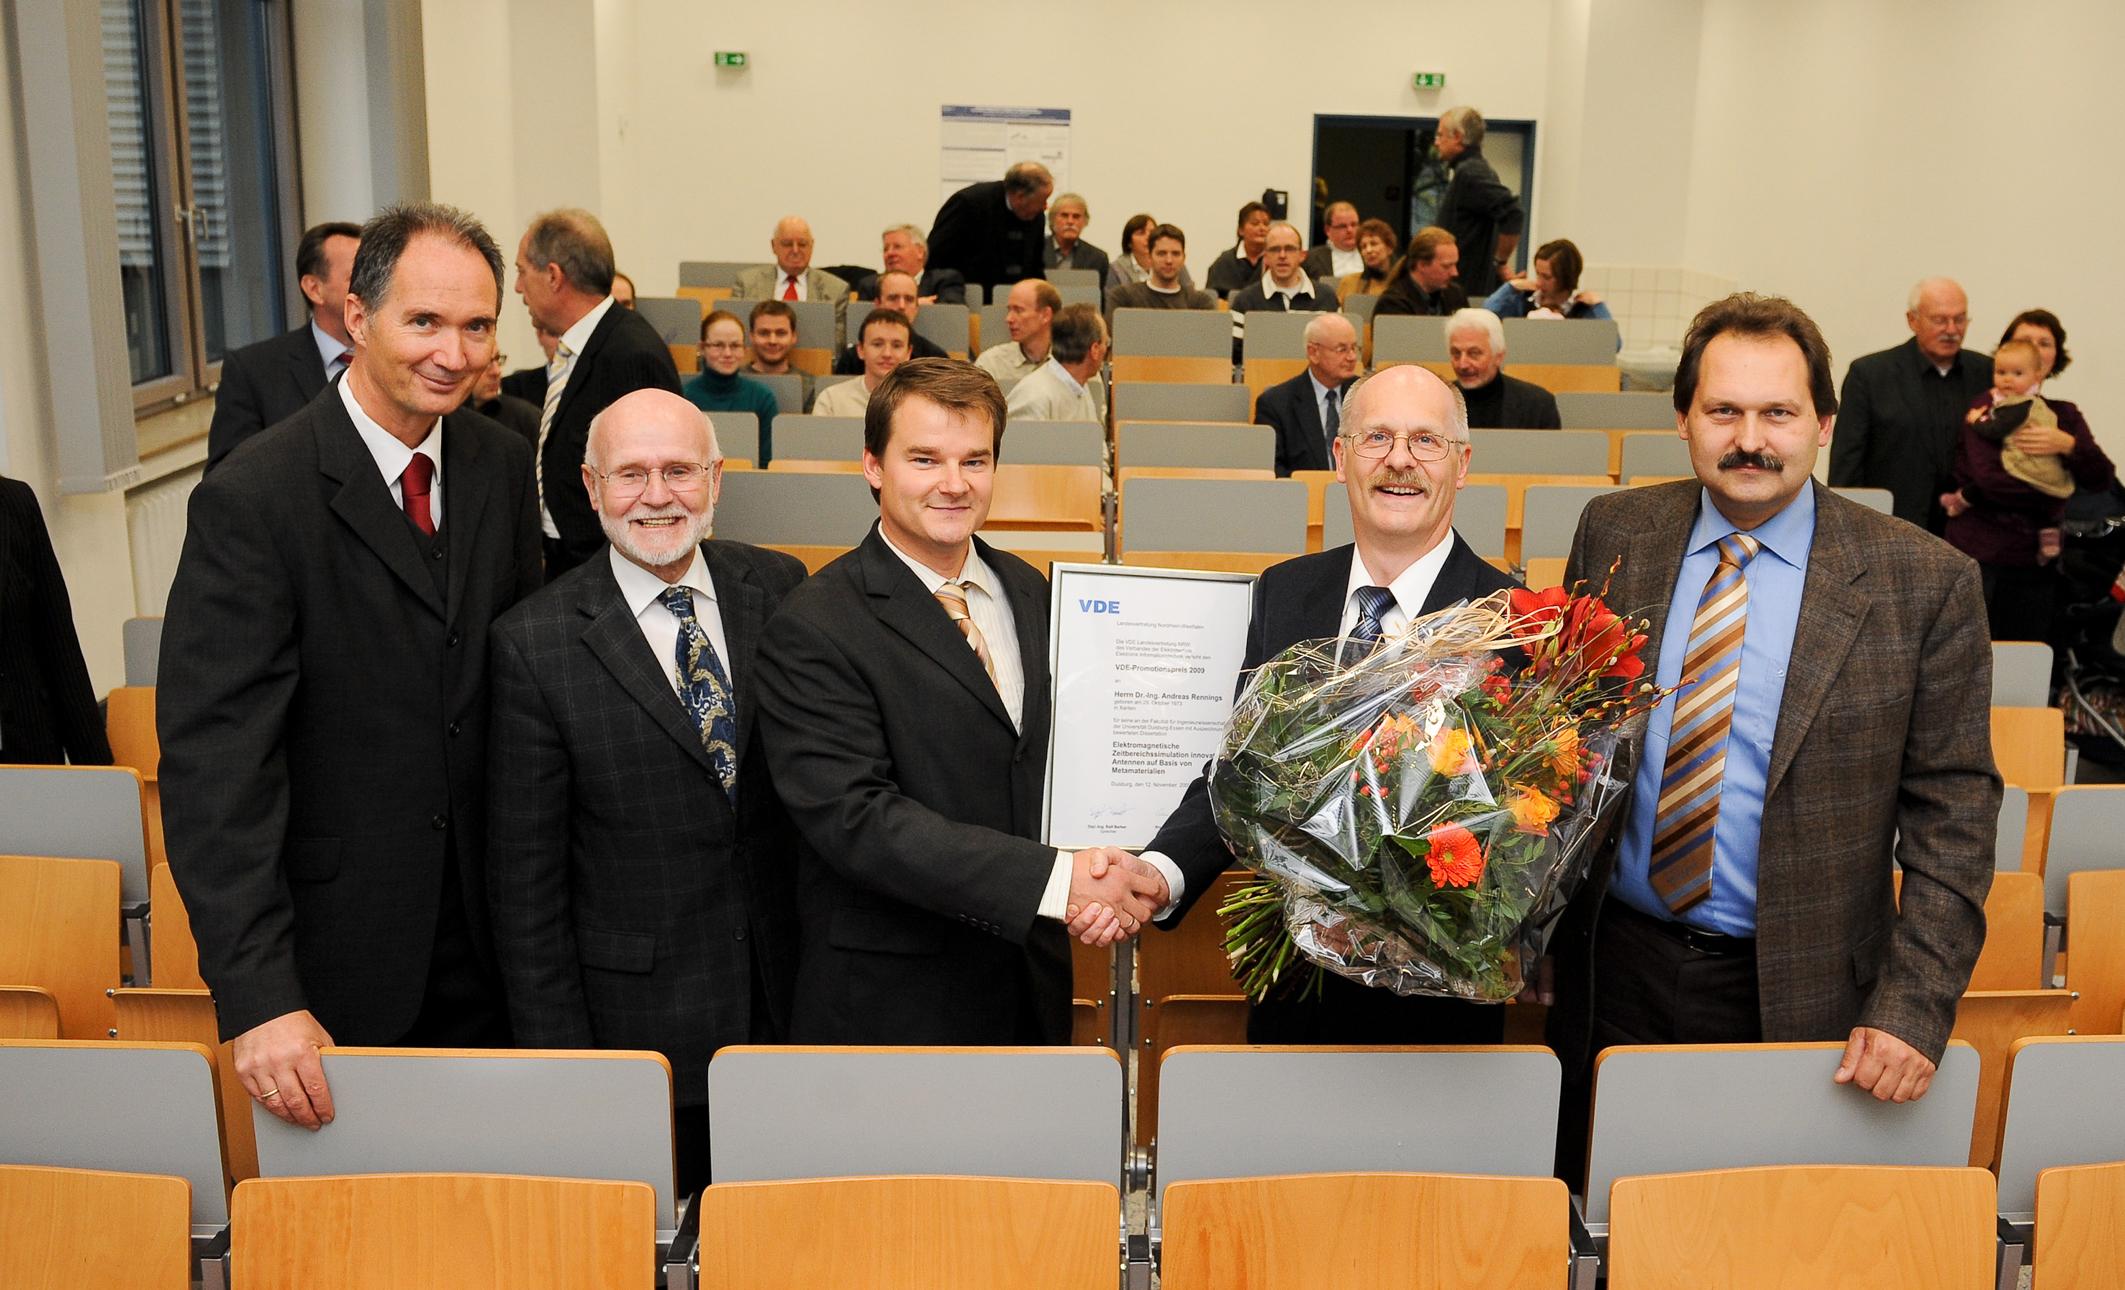 Noch eine Auszeichnung für Dr. Andreas Rennings (3.v.l.): Der Ingenieur nimmt die Glückwünsche von Rektor Prof. Dr. Ulrich Radtke (l.), Doktovater und Altrektor Prof. Dr. Ingo Wolff (2.v.l.), VDE-Vertreter Prof. Dr. Detlev Patzwald (2.v.r.) und Prof. Dr. Andreas Czylwik, Ingenieurwissenschaften der UDE, entgegen. Foto: Frank Preuß